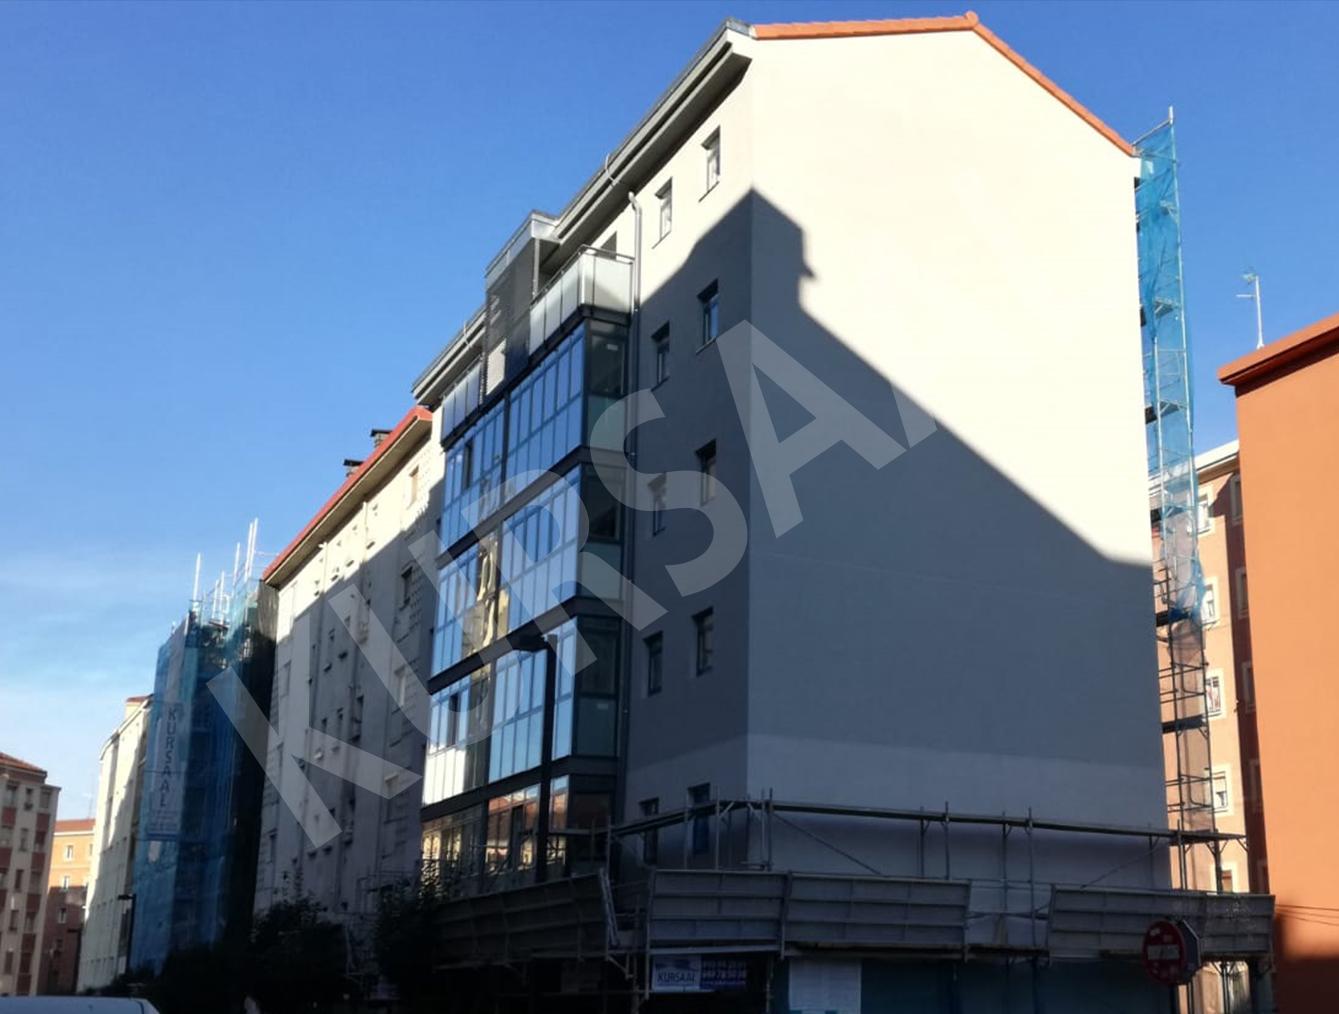 foto noticia: Nuevamente Kursaal un paso por delante. Realizamos la Rehabilitación Energética de los primeros dos bloques del Proyecto Europeo SmartEnCity Coronación de Vitoria